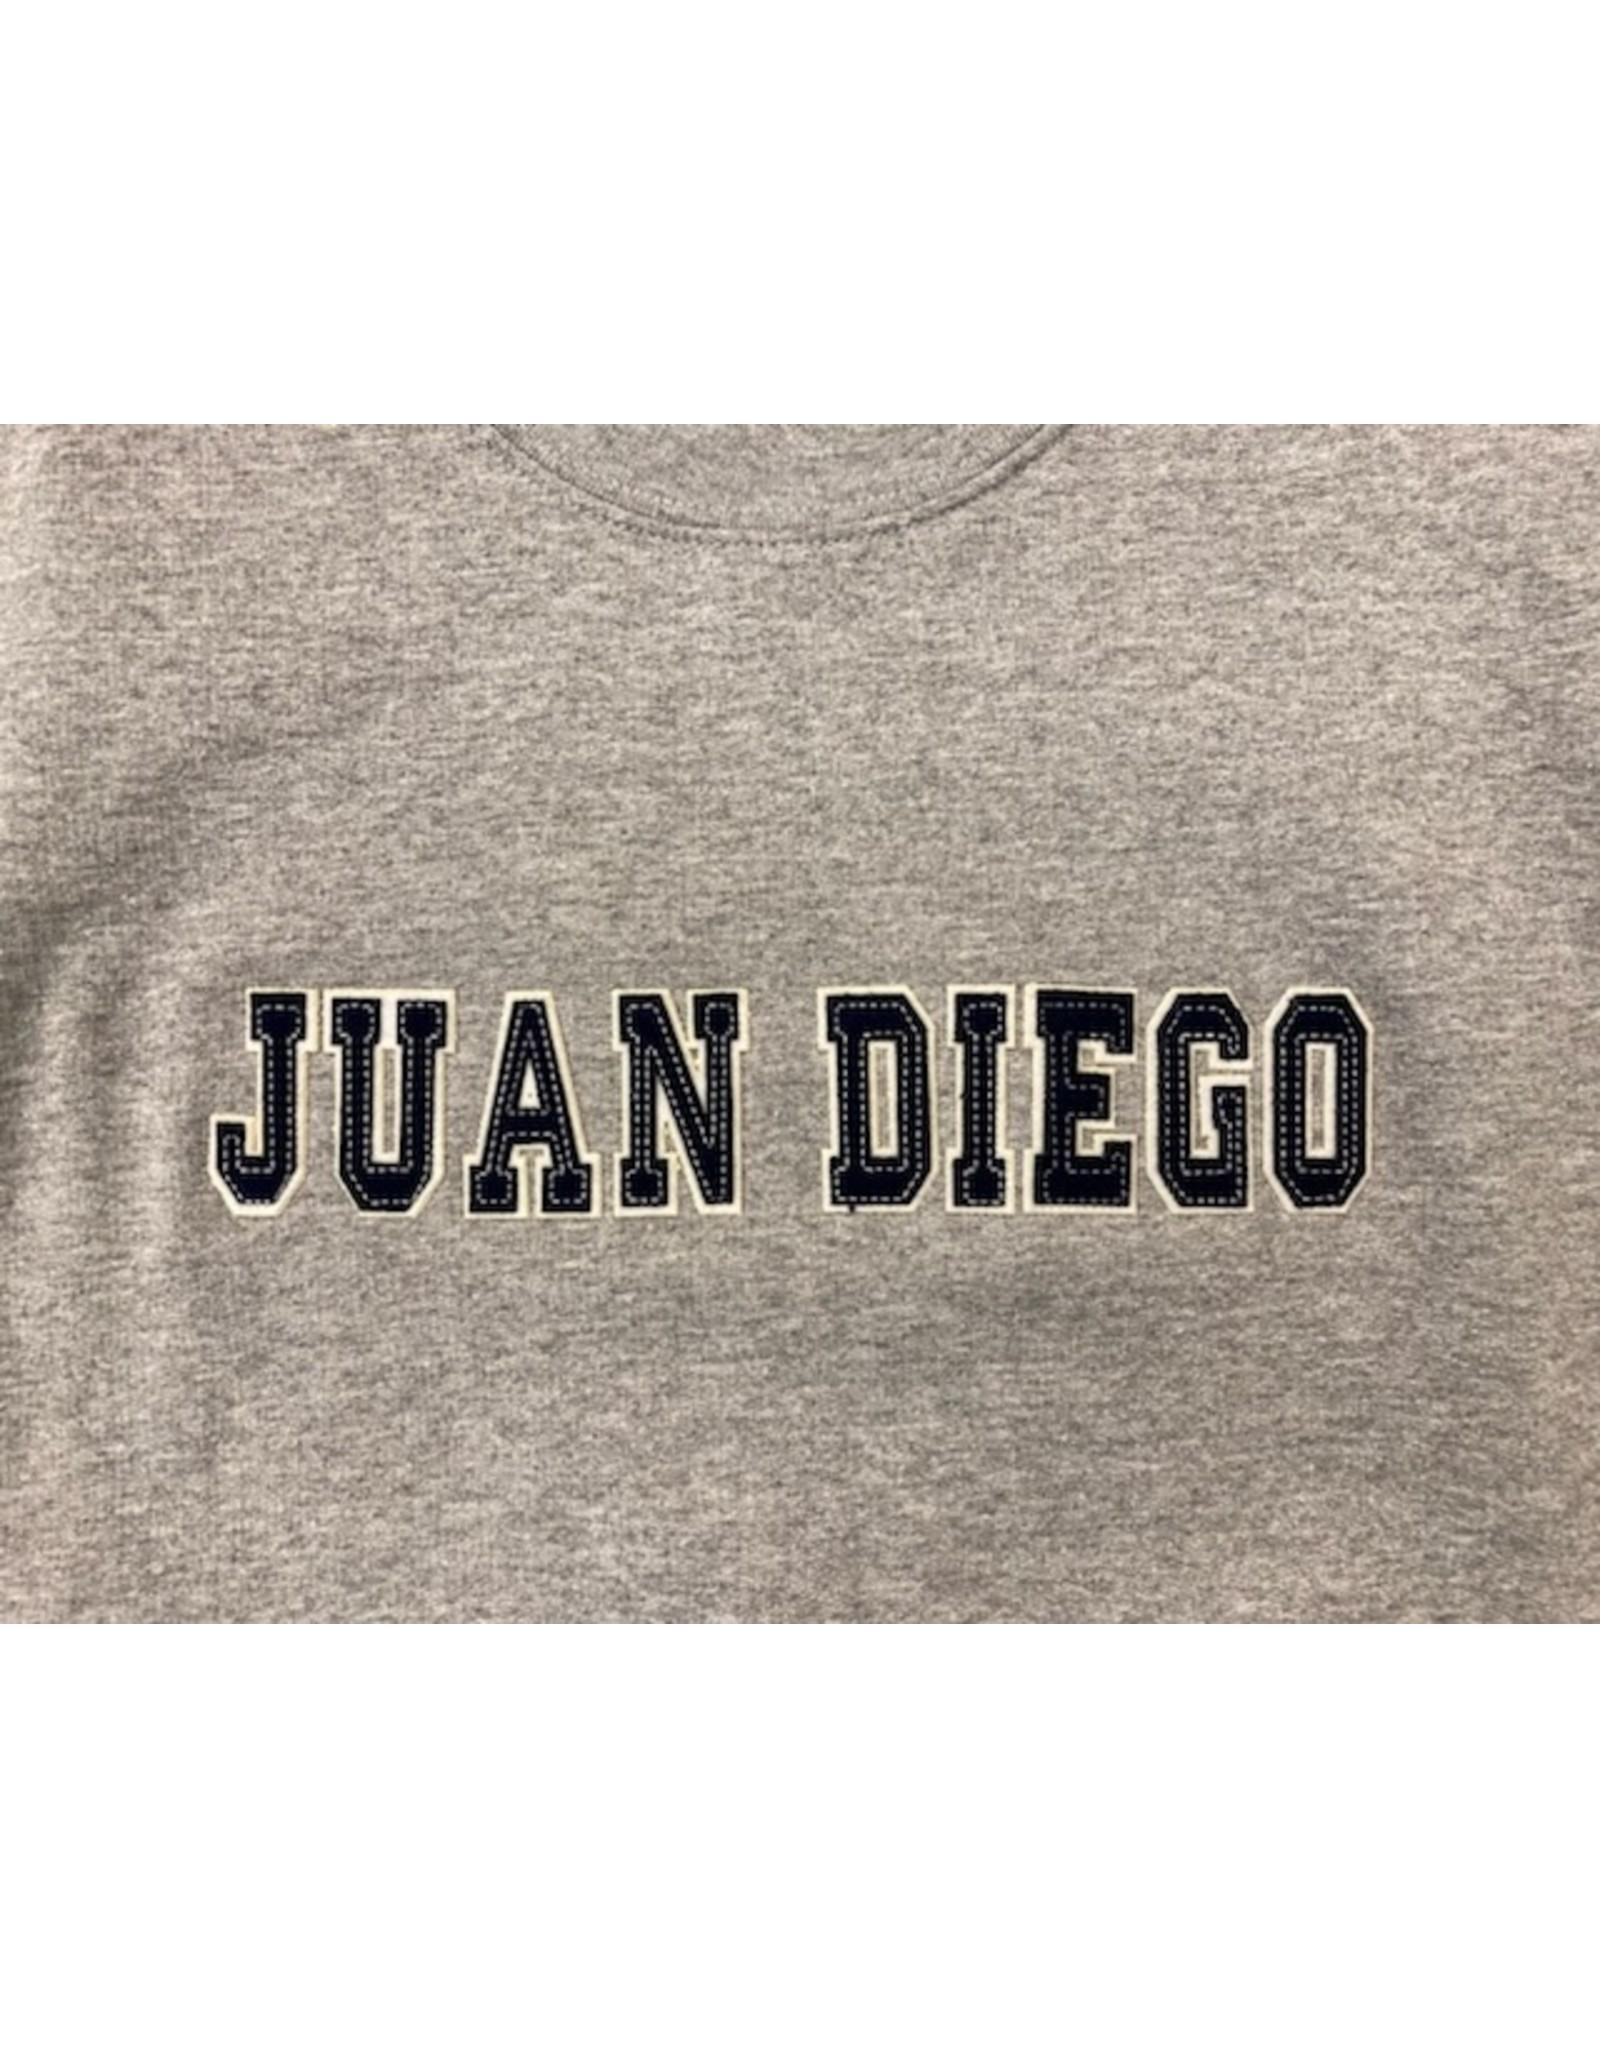 NON-UNIFORM Sweatshirt - Juan Diego Applique Fabric Crewneck